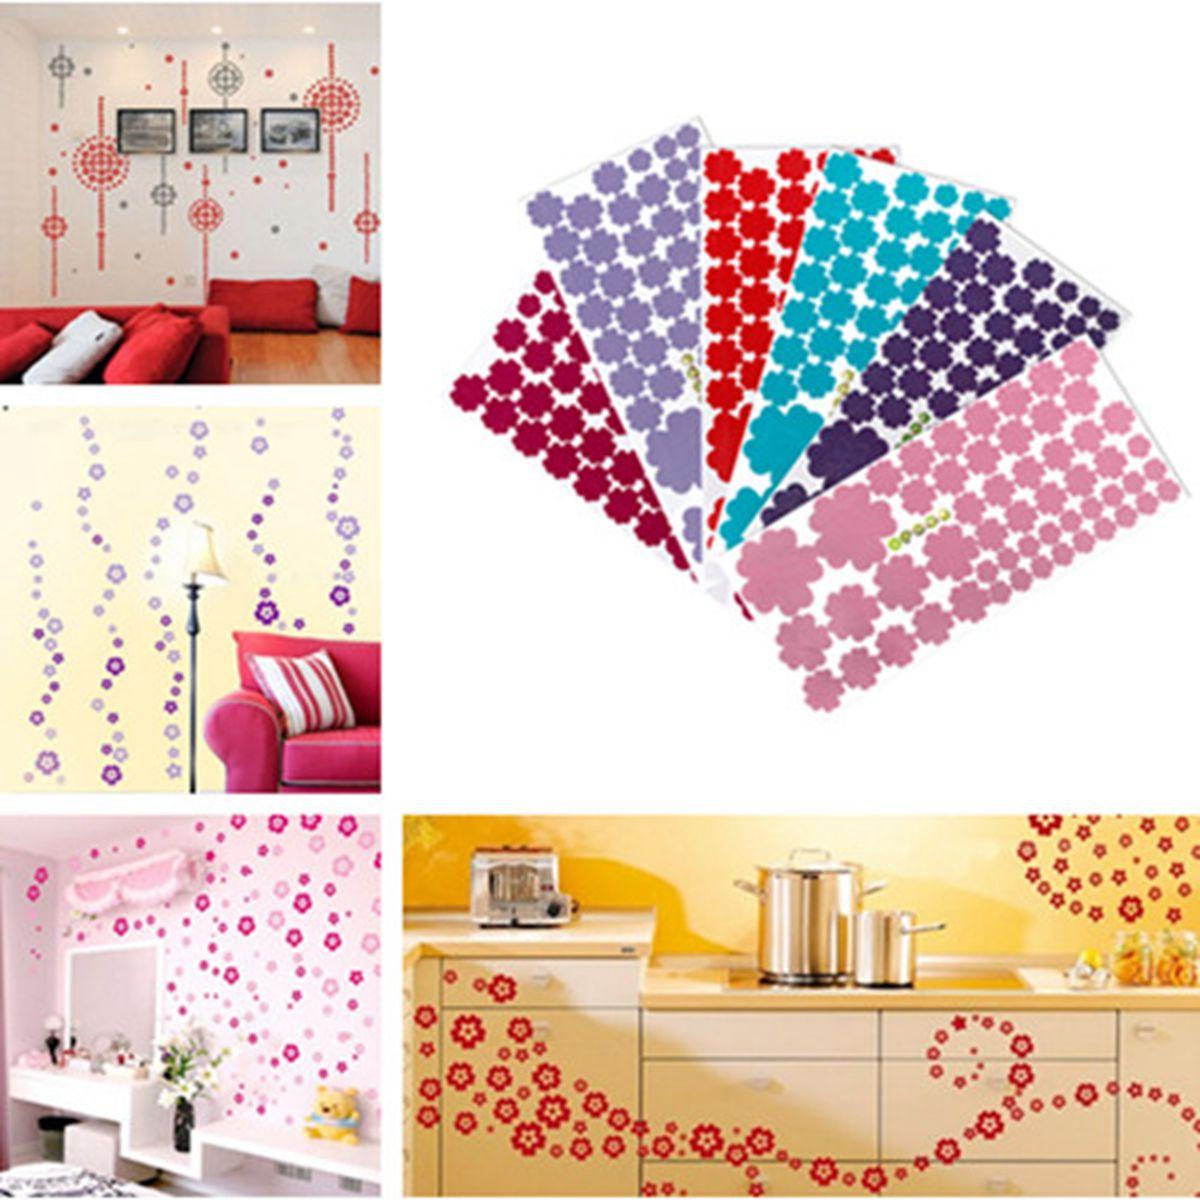 Sticker mural fleur lettre amovible d coration autocollant - Stickers deco salon ...